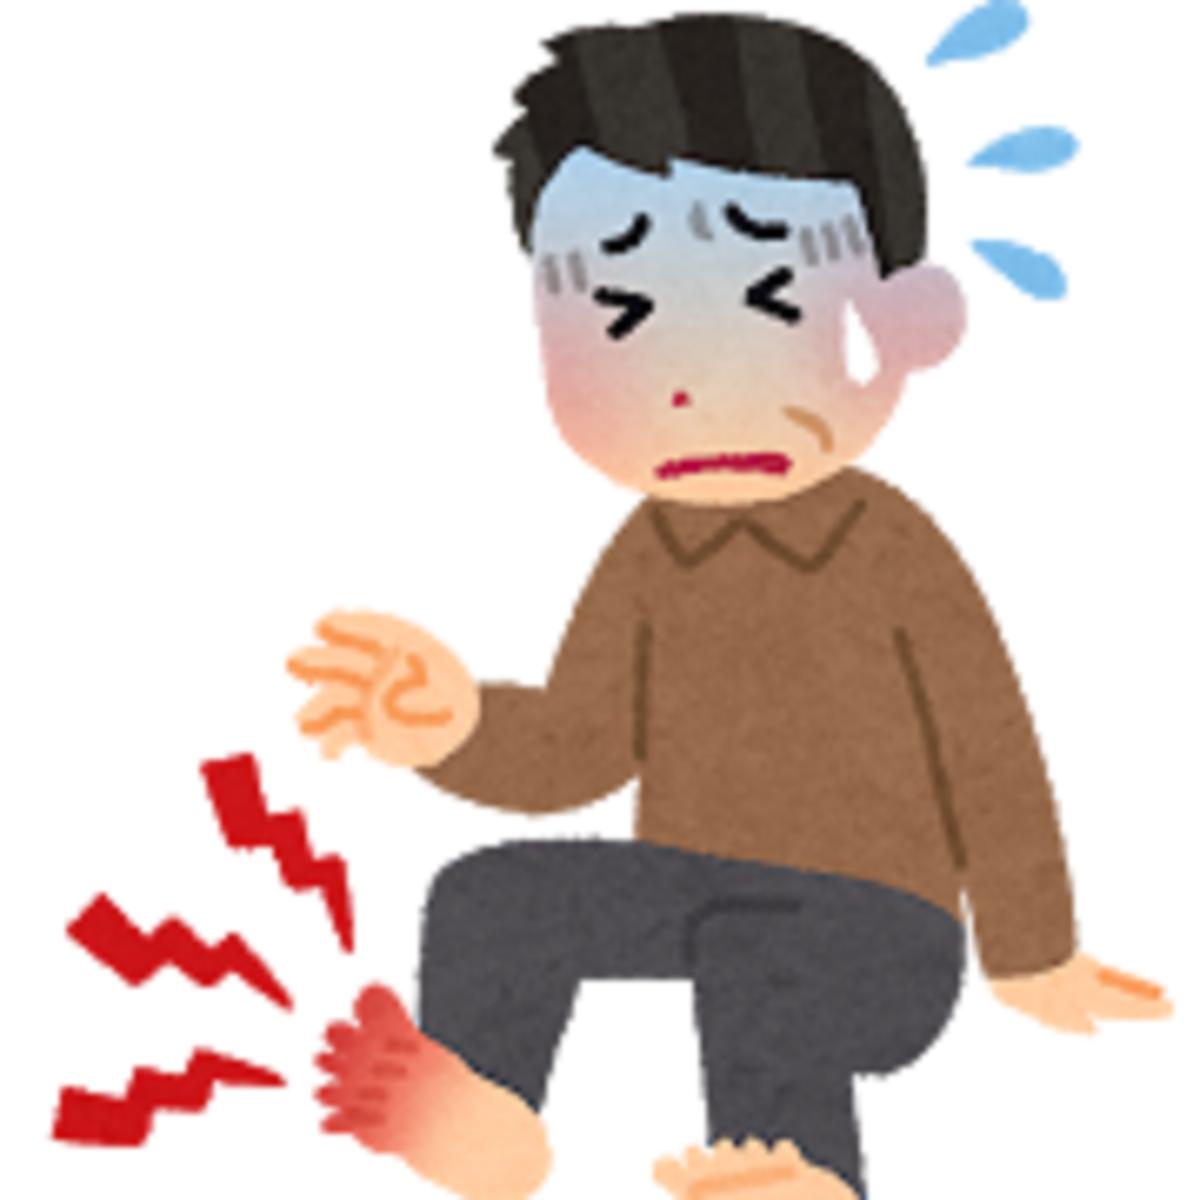 薬剤・生活習慣と高尿酸血症について~特に利尿剤による副作用をざっくりと~